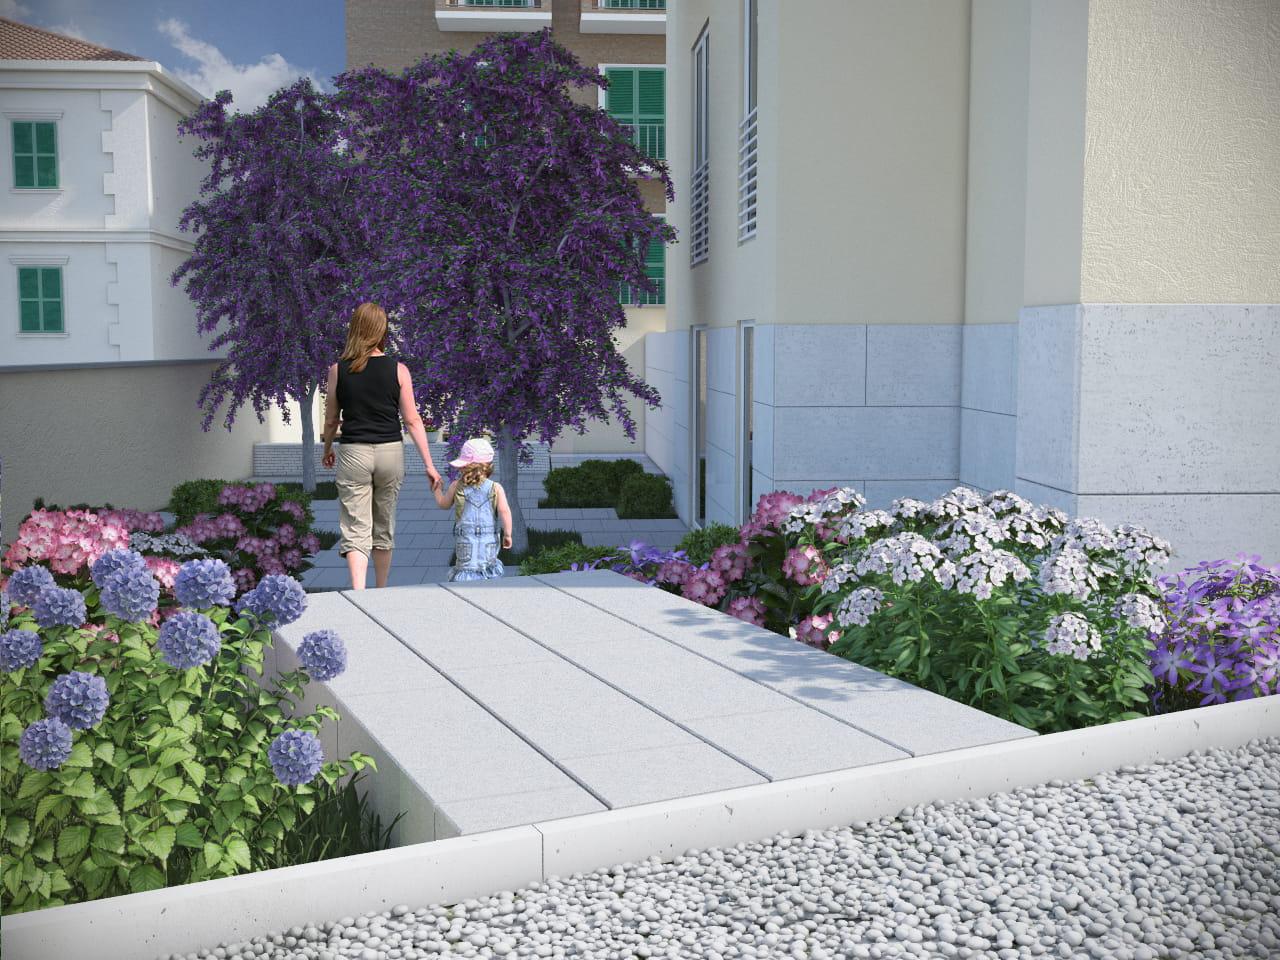 stefanomimmocchirendering lavori render esterni listino prezzi Render giardino condominiale per Studio Forniti - progettazione e ristrutturazione roma - servizio di renderista